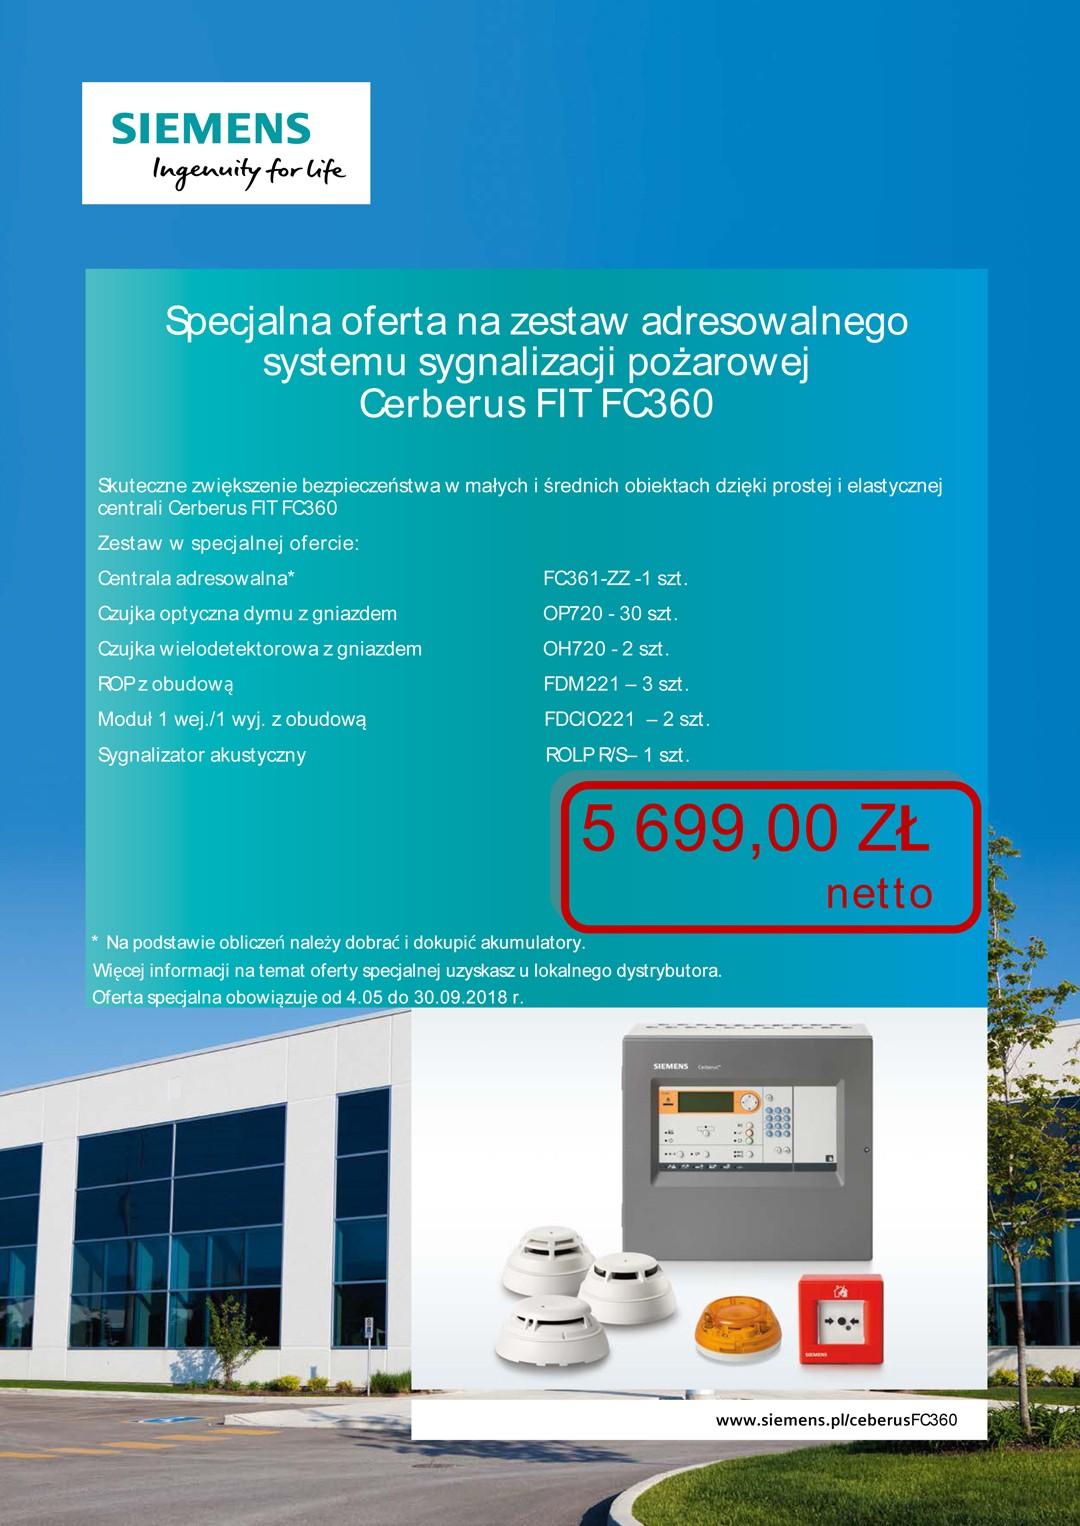 Cerberus FIT FC360